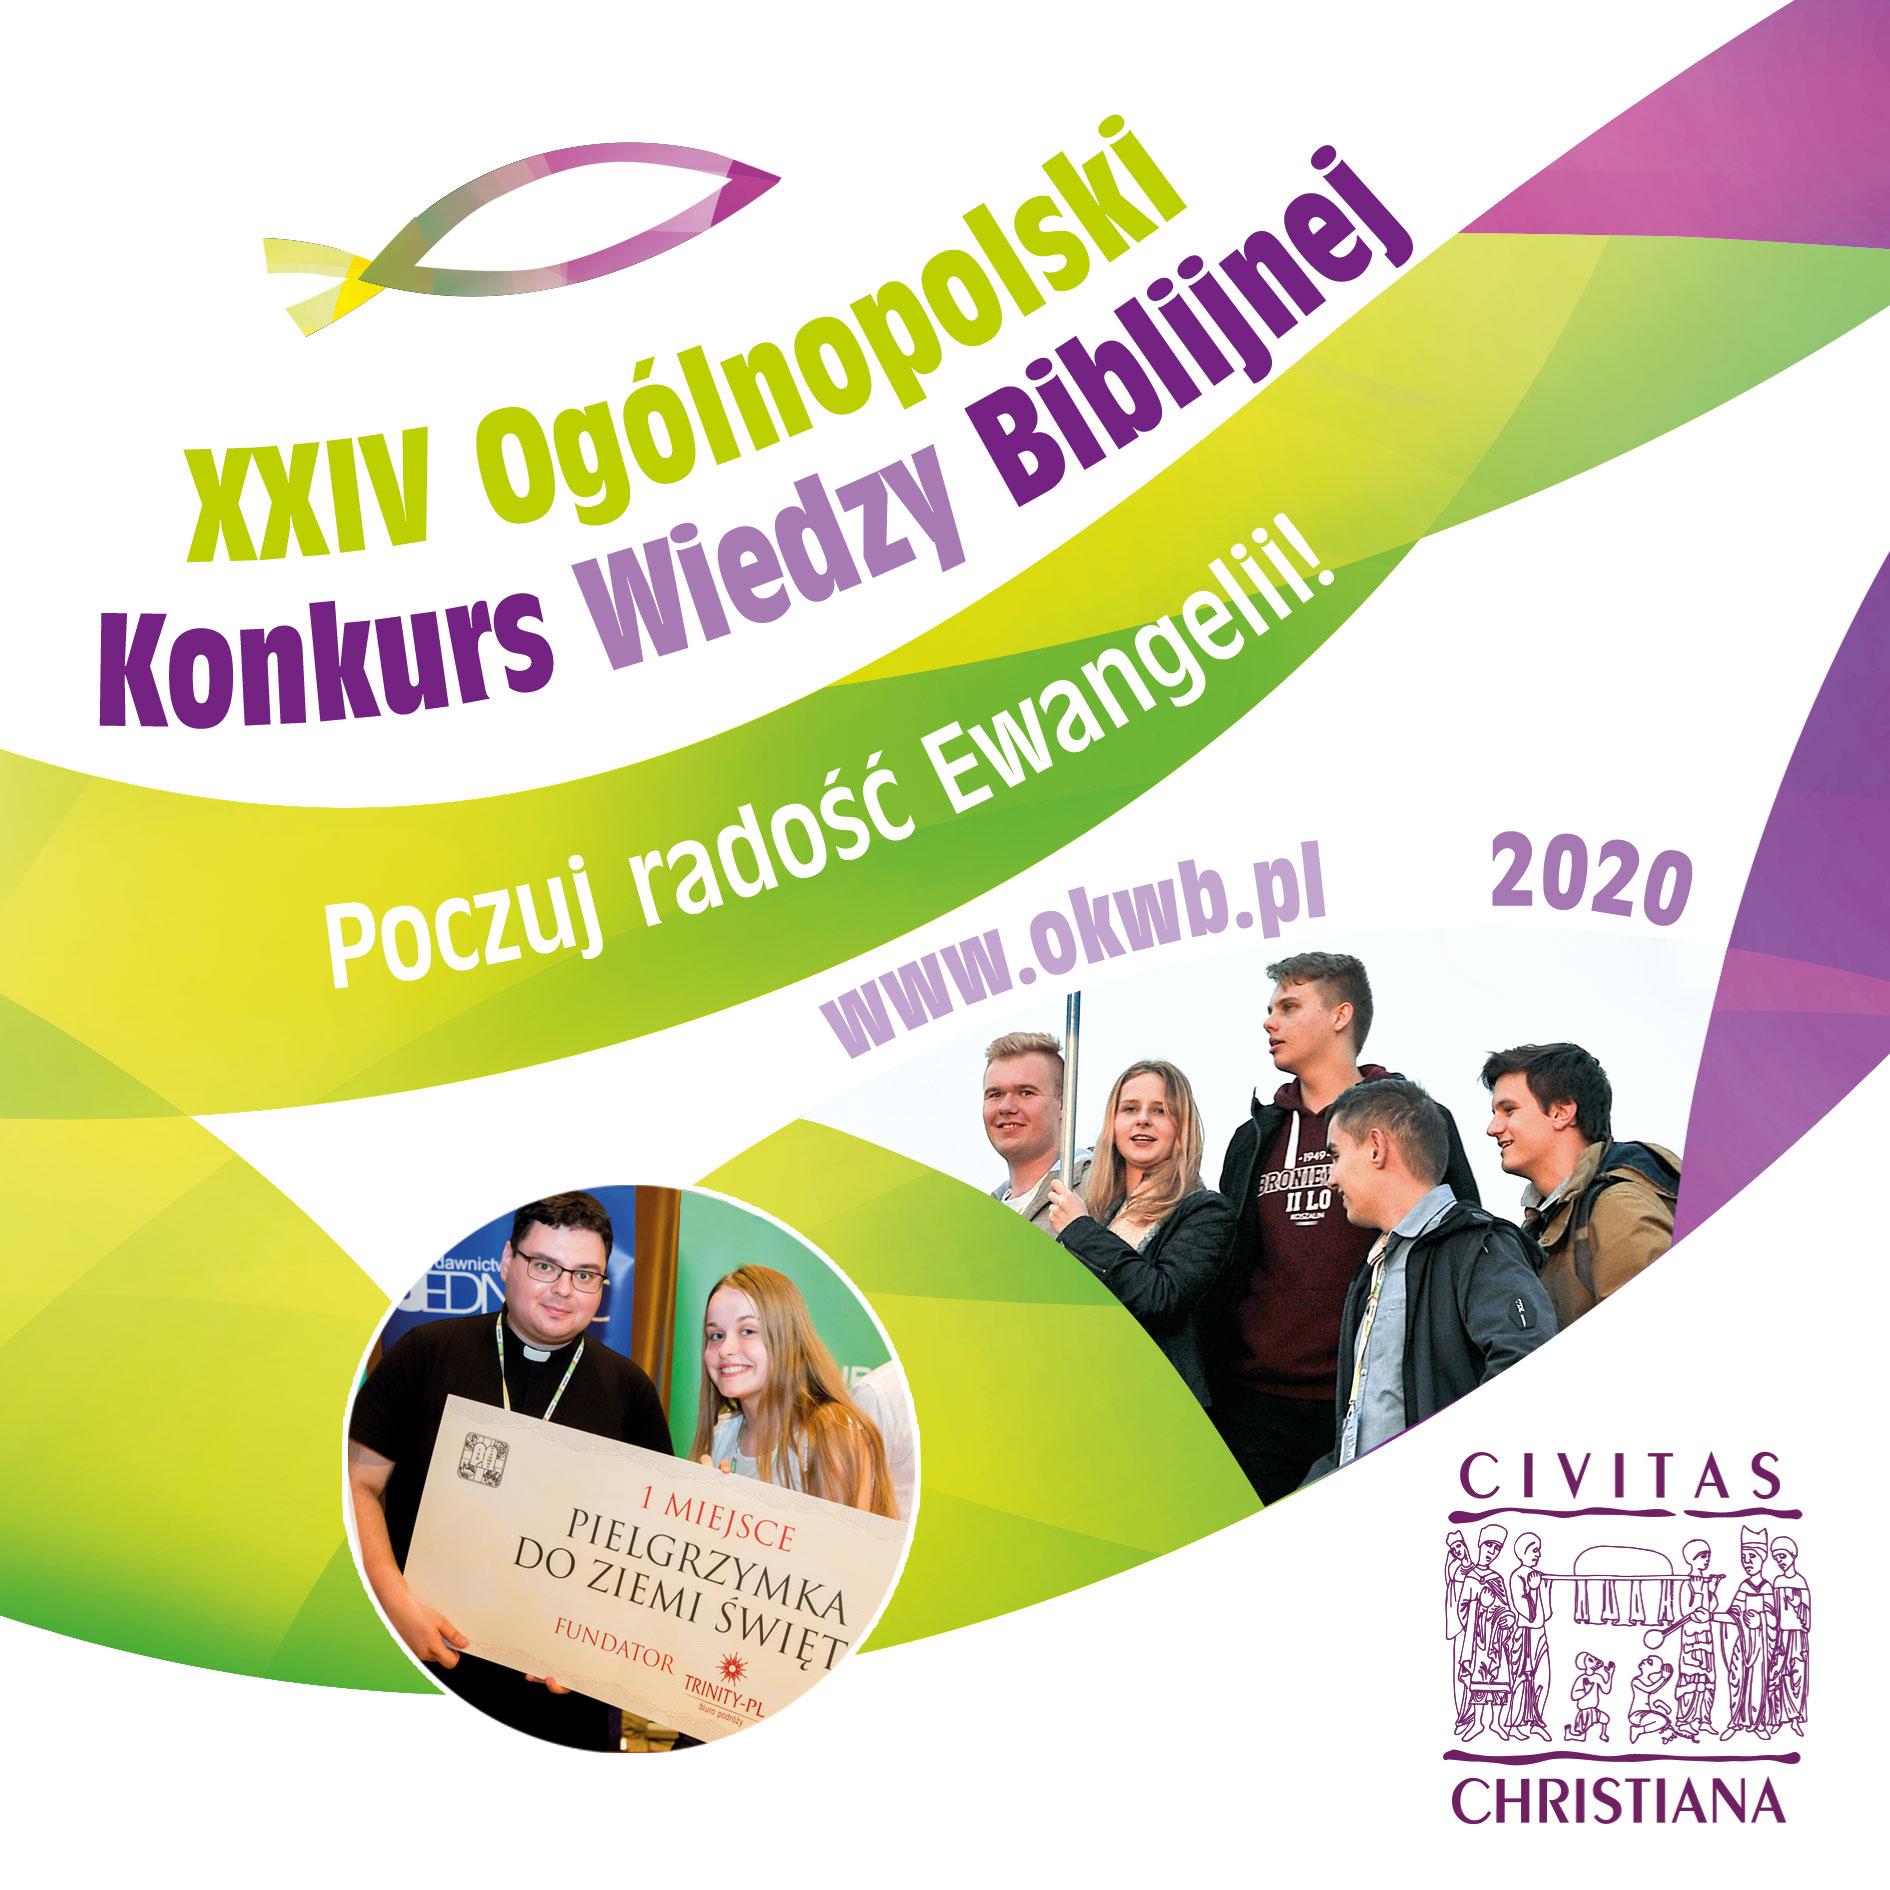 folder 2019 Ogólnopolski Konkurs Wiedzy Biblijnej. Do wygrania pielgrzymka do Ziemi Świętej